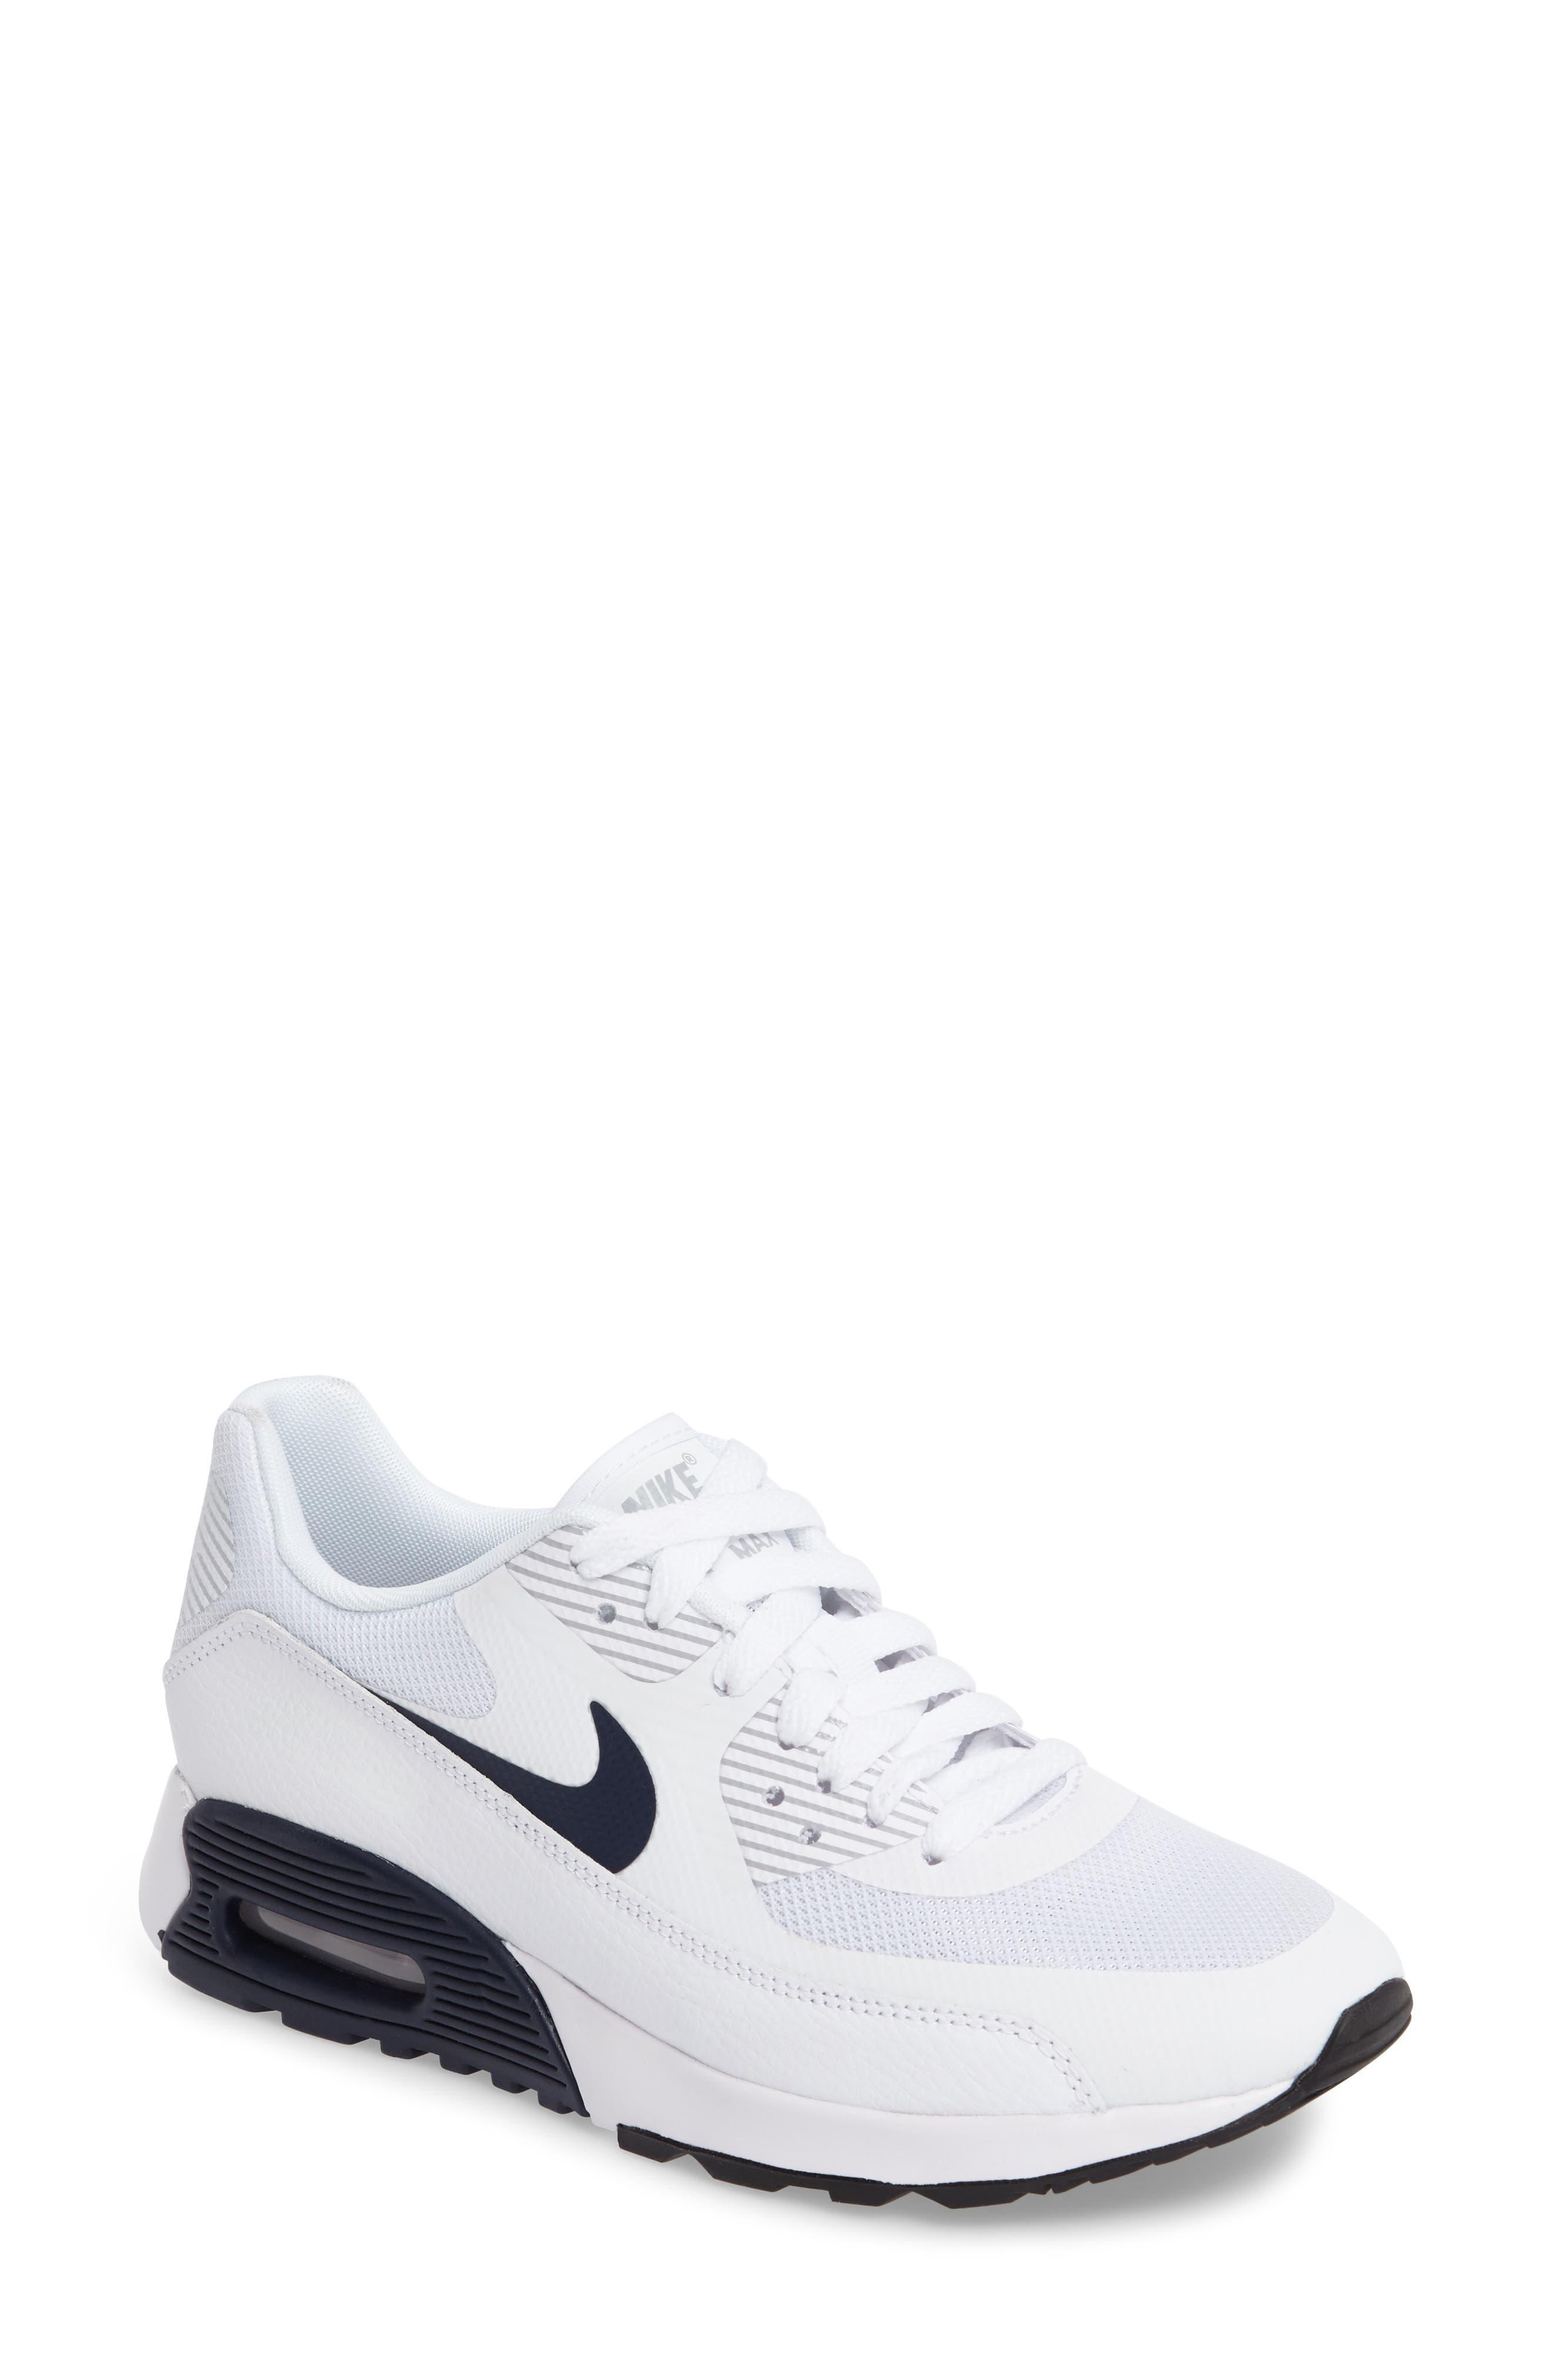 Main Image - Nike Air Max 90 Ultra 2.0 Sneaker (Women)